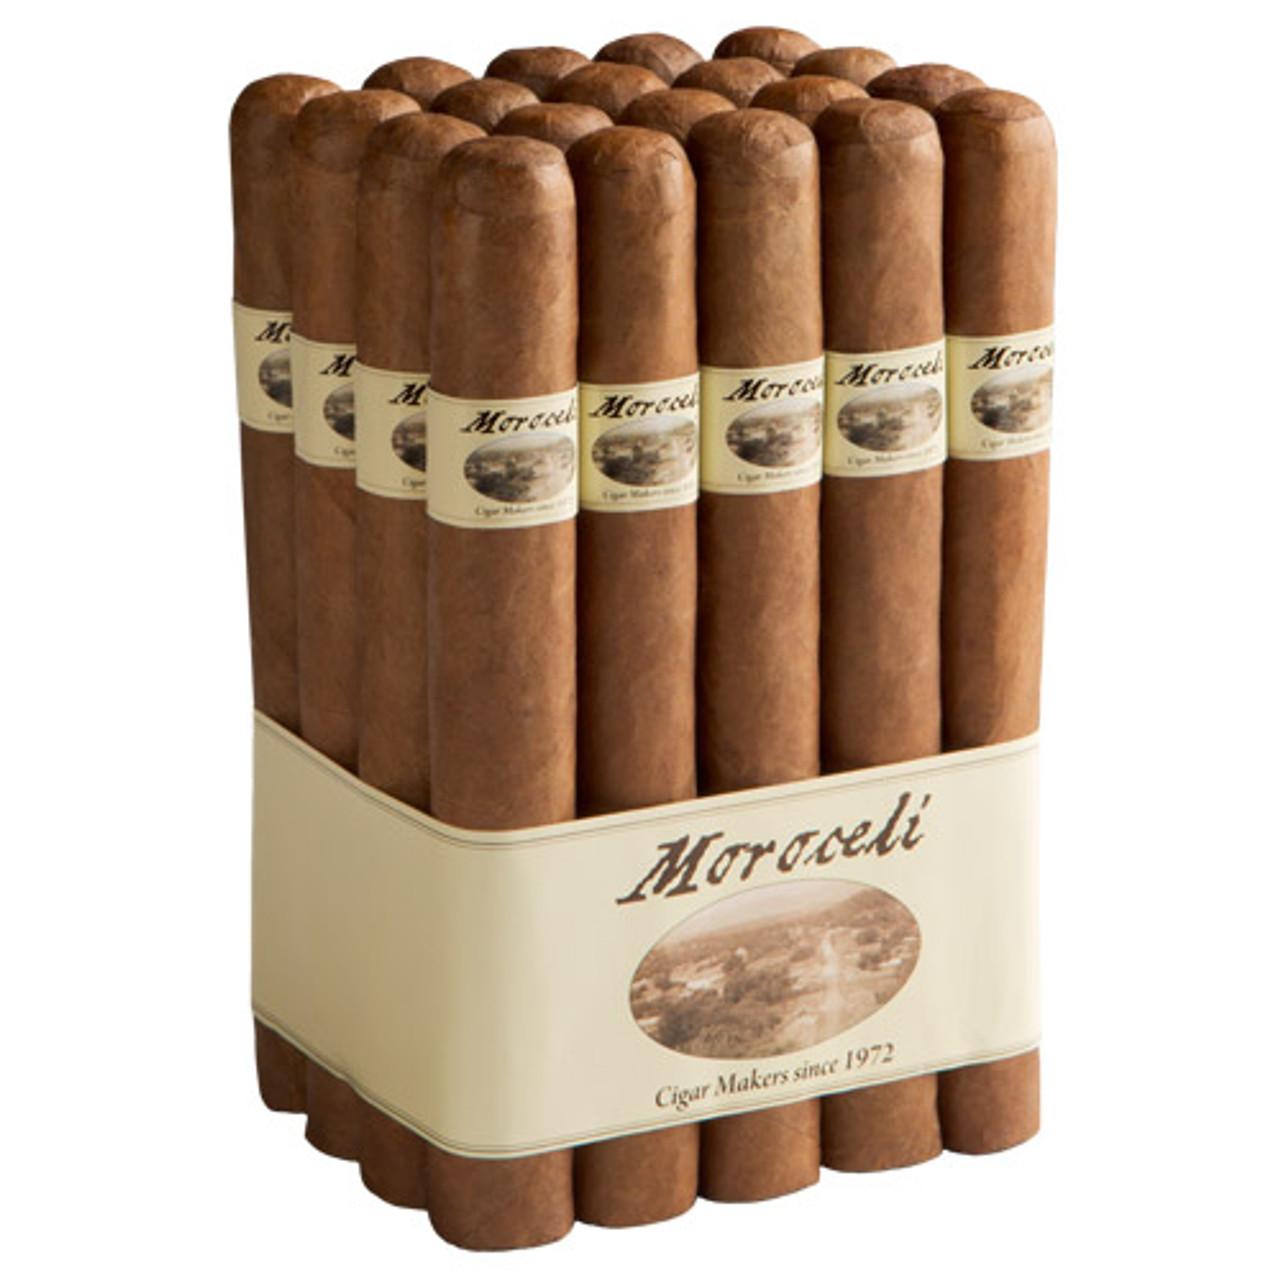 Moroceli Toro Cigars - 6 x 50 (Bundle of 20)